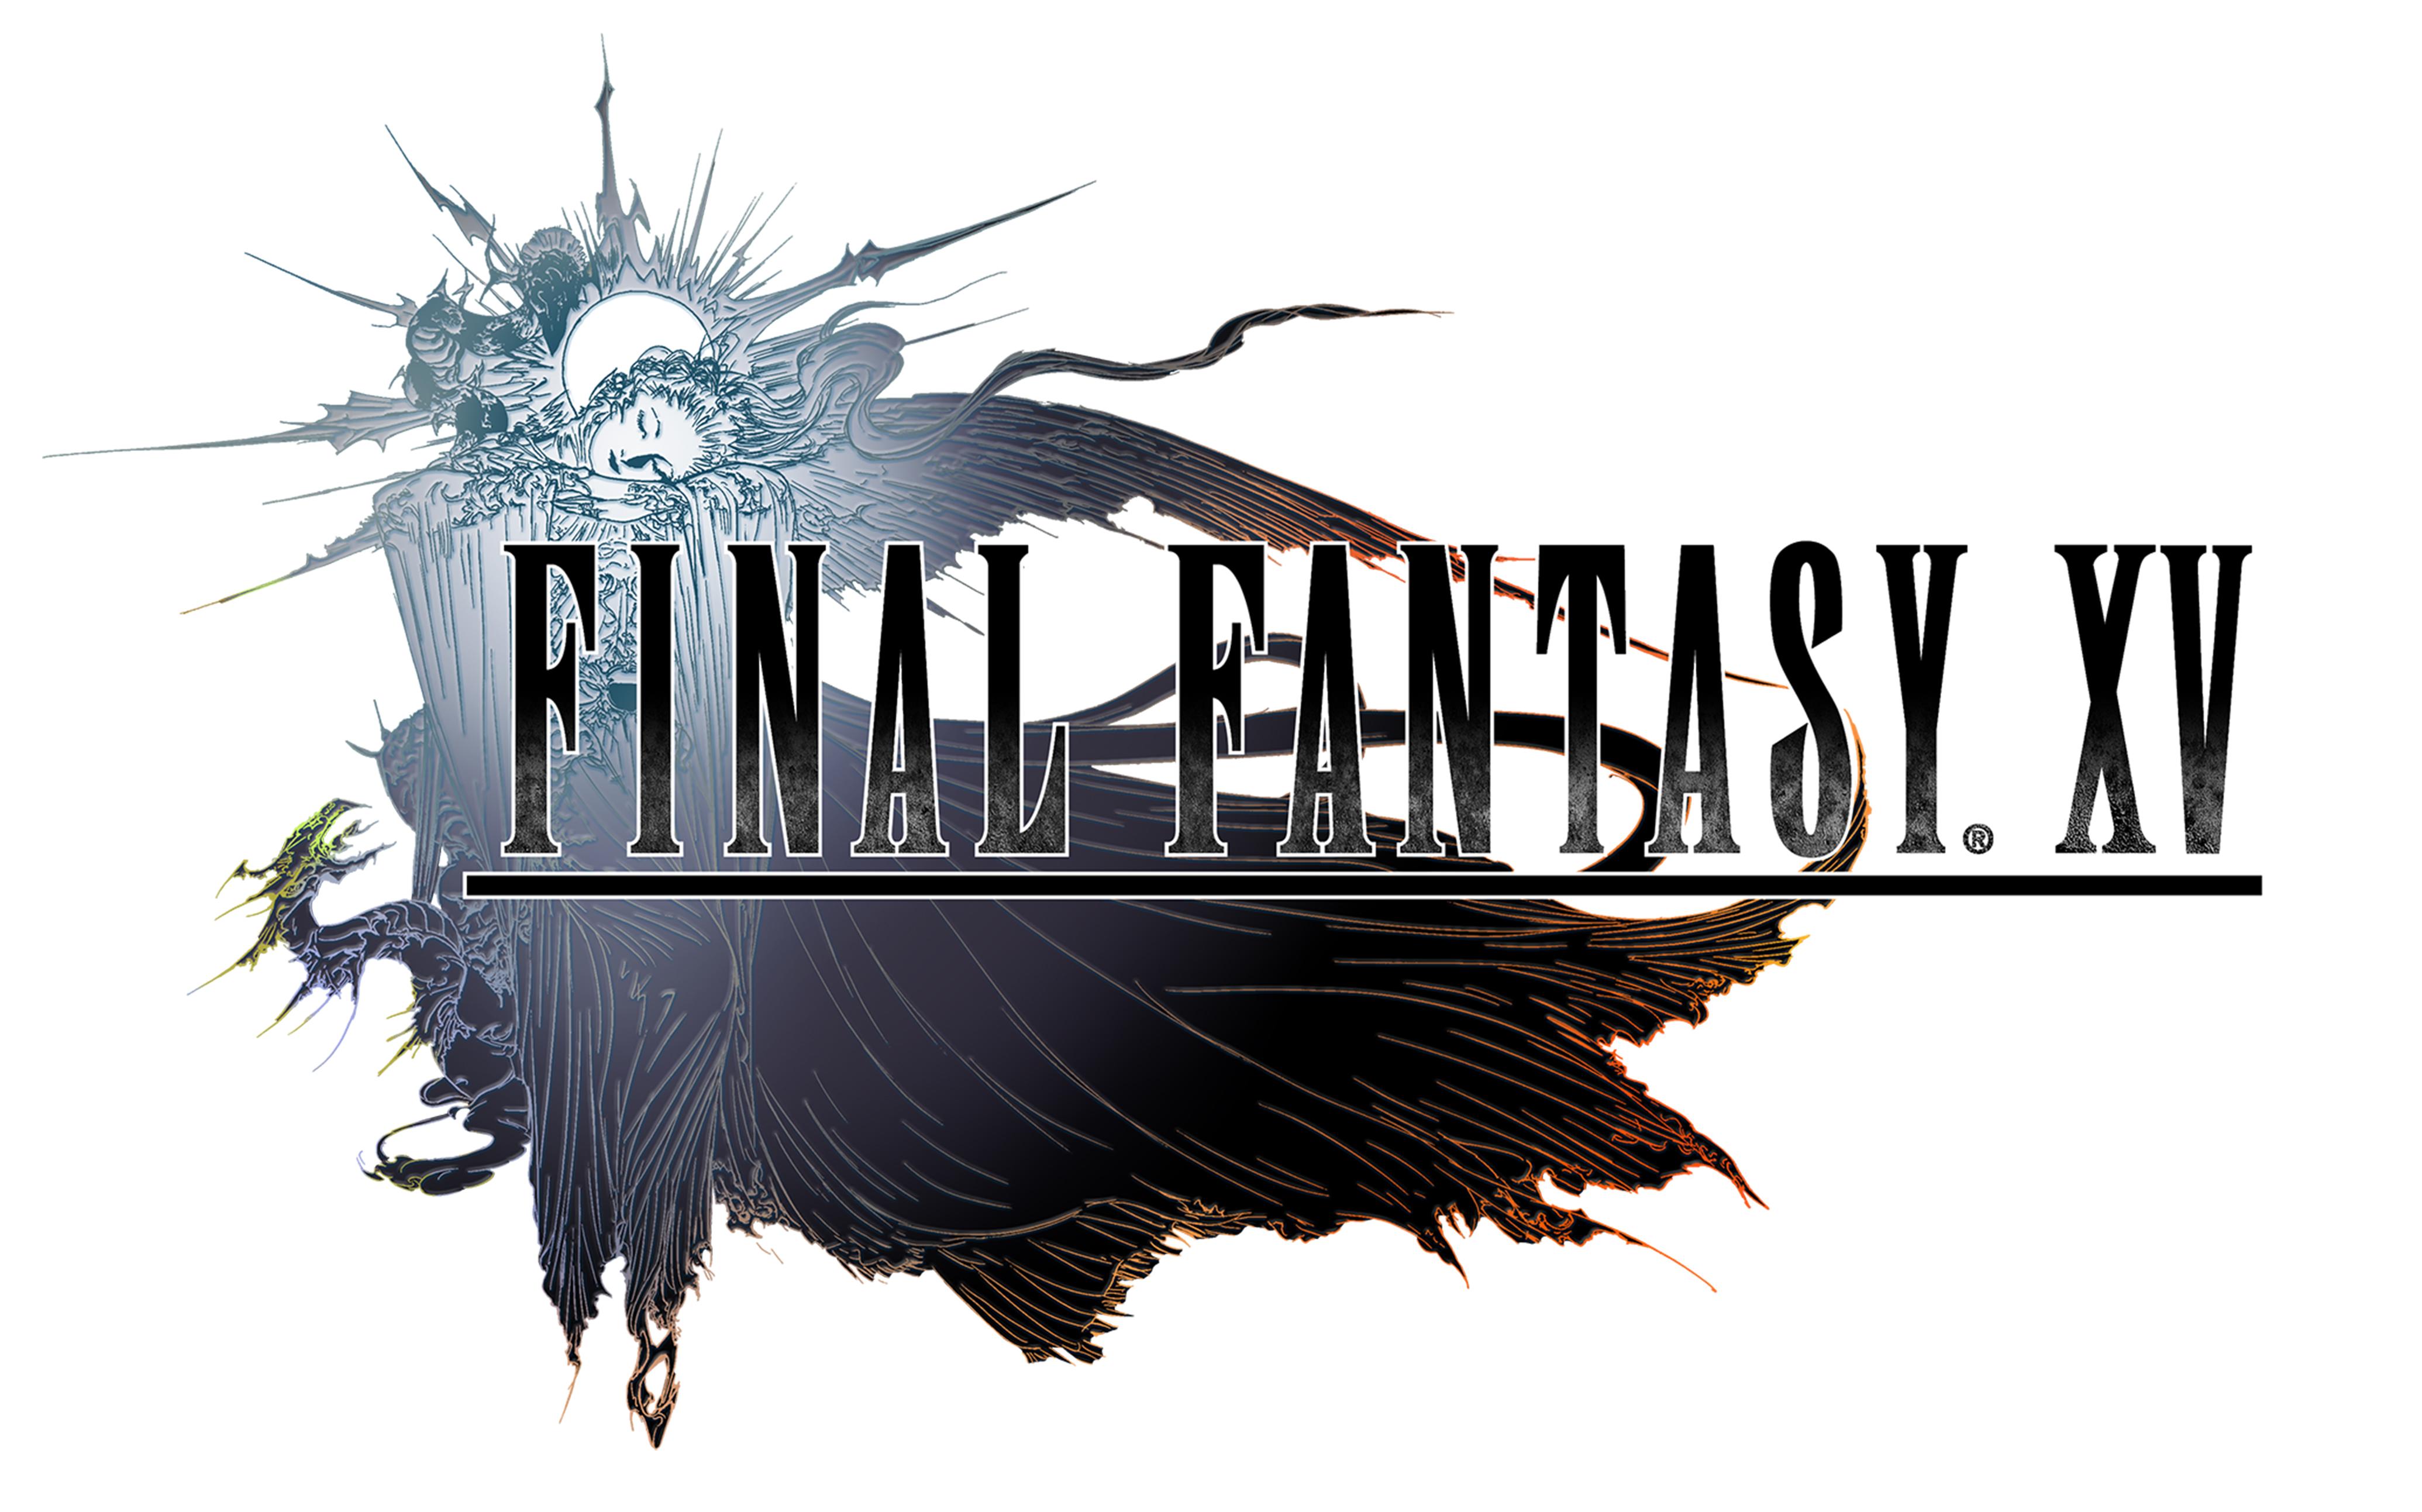 In arrivo Final Fantasy XV. A Lucca Comics & Games l'anteprima interattiva del nuovo capitolo